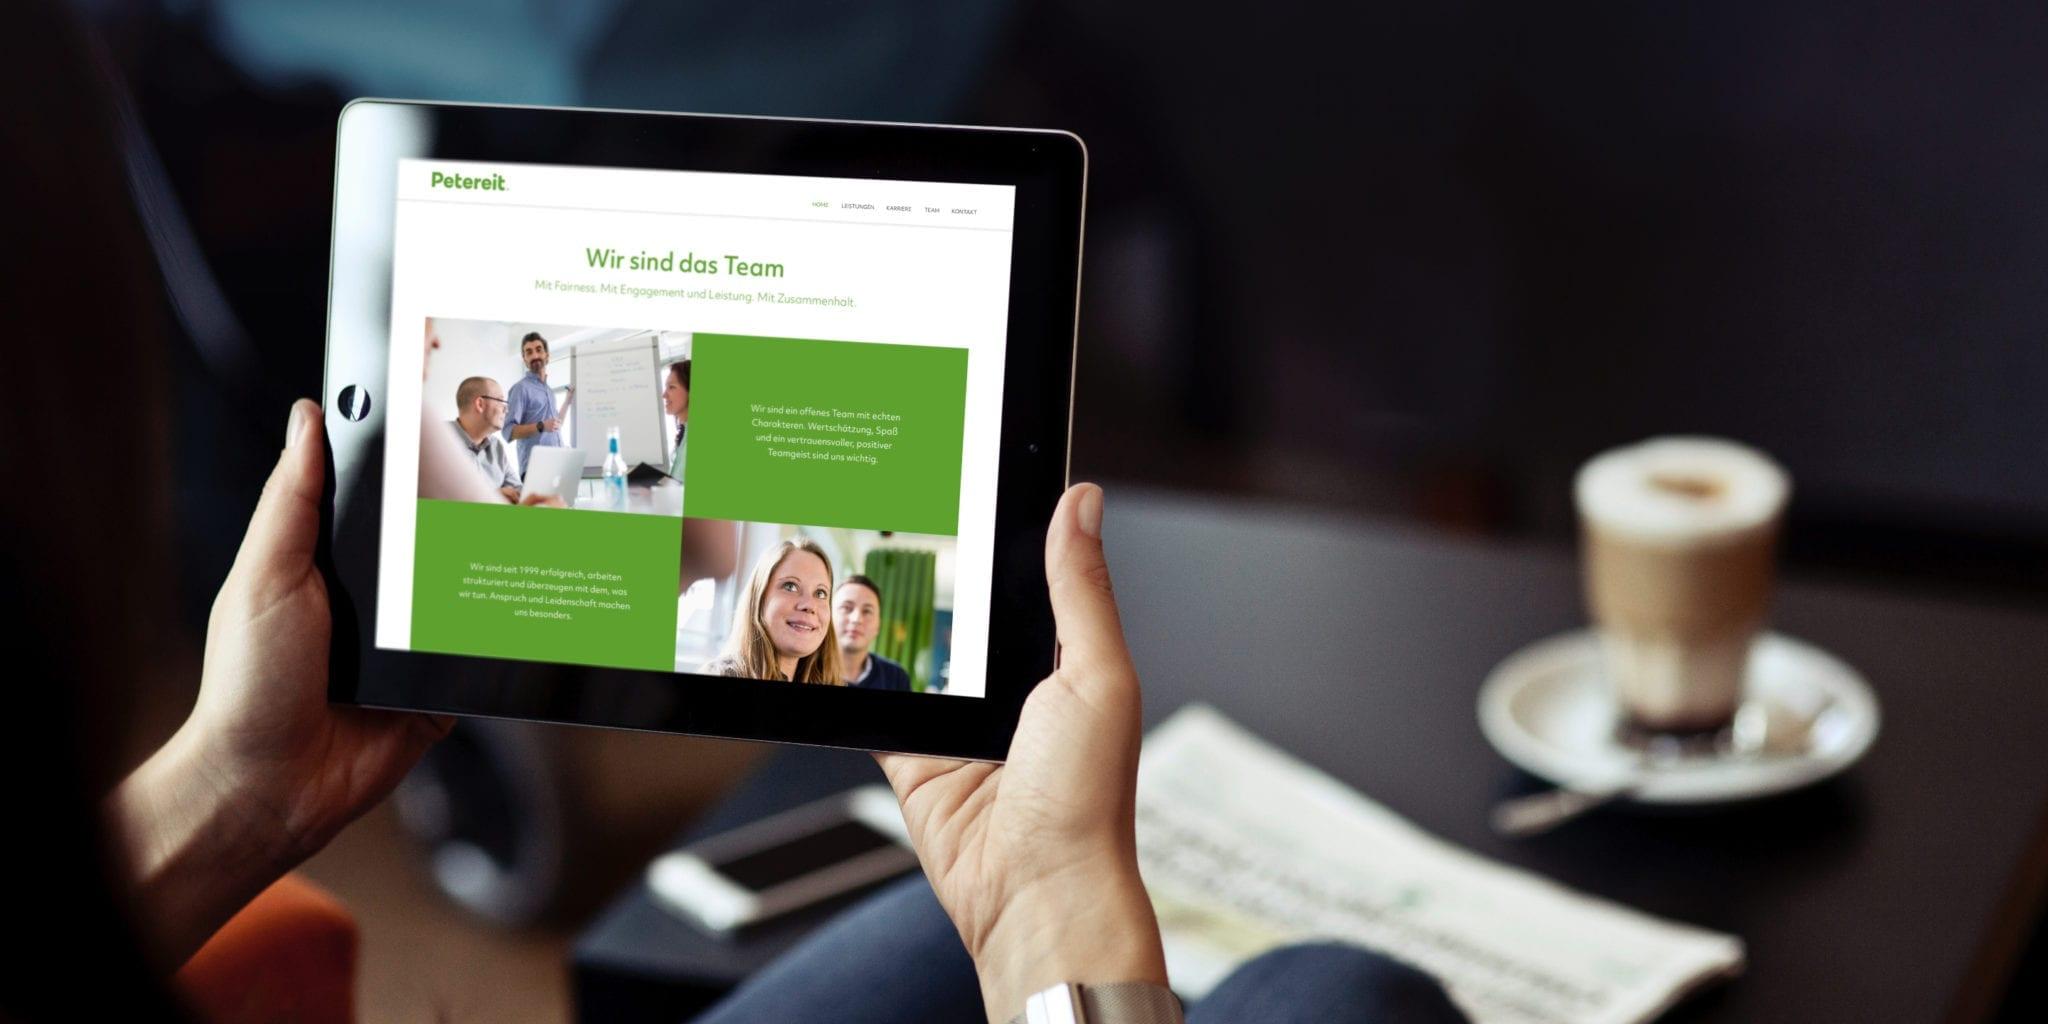 Petereit Webdesign auf Tablet